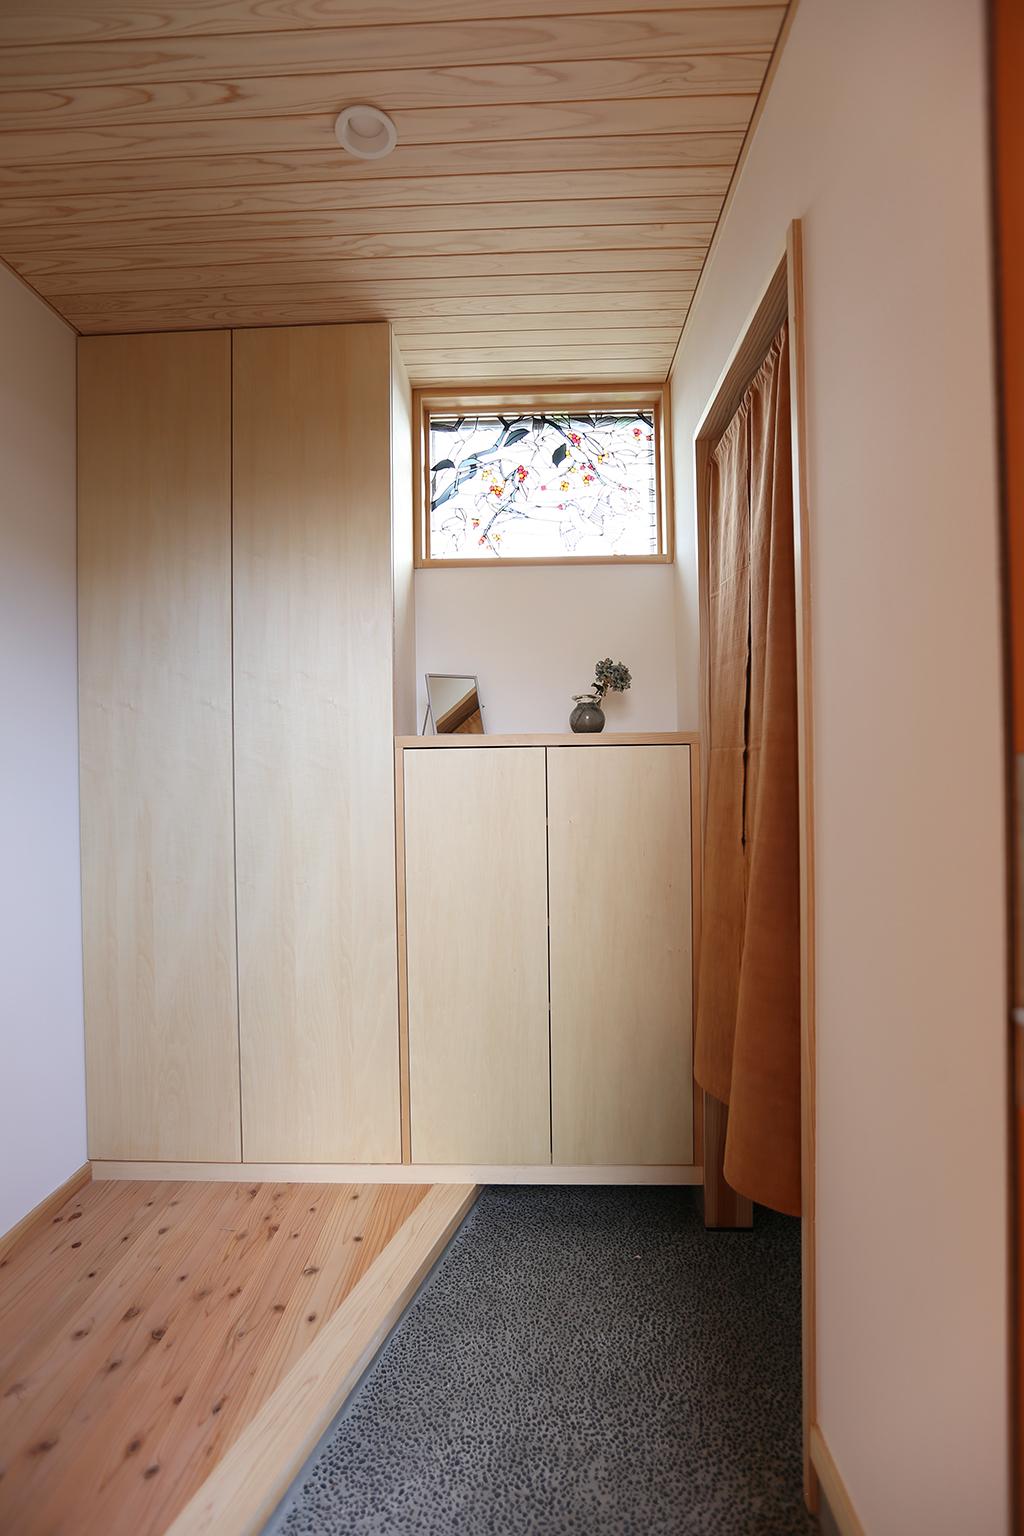 姫路市の木の家 お気に入りのステンドグラスをはめ込んだ玄関